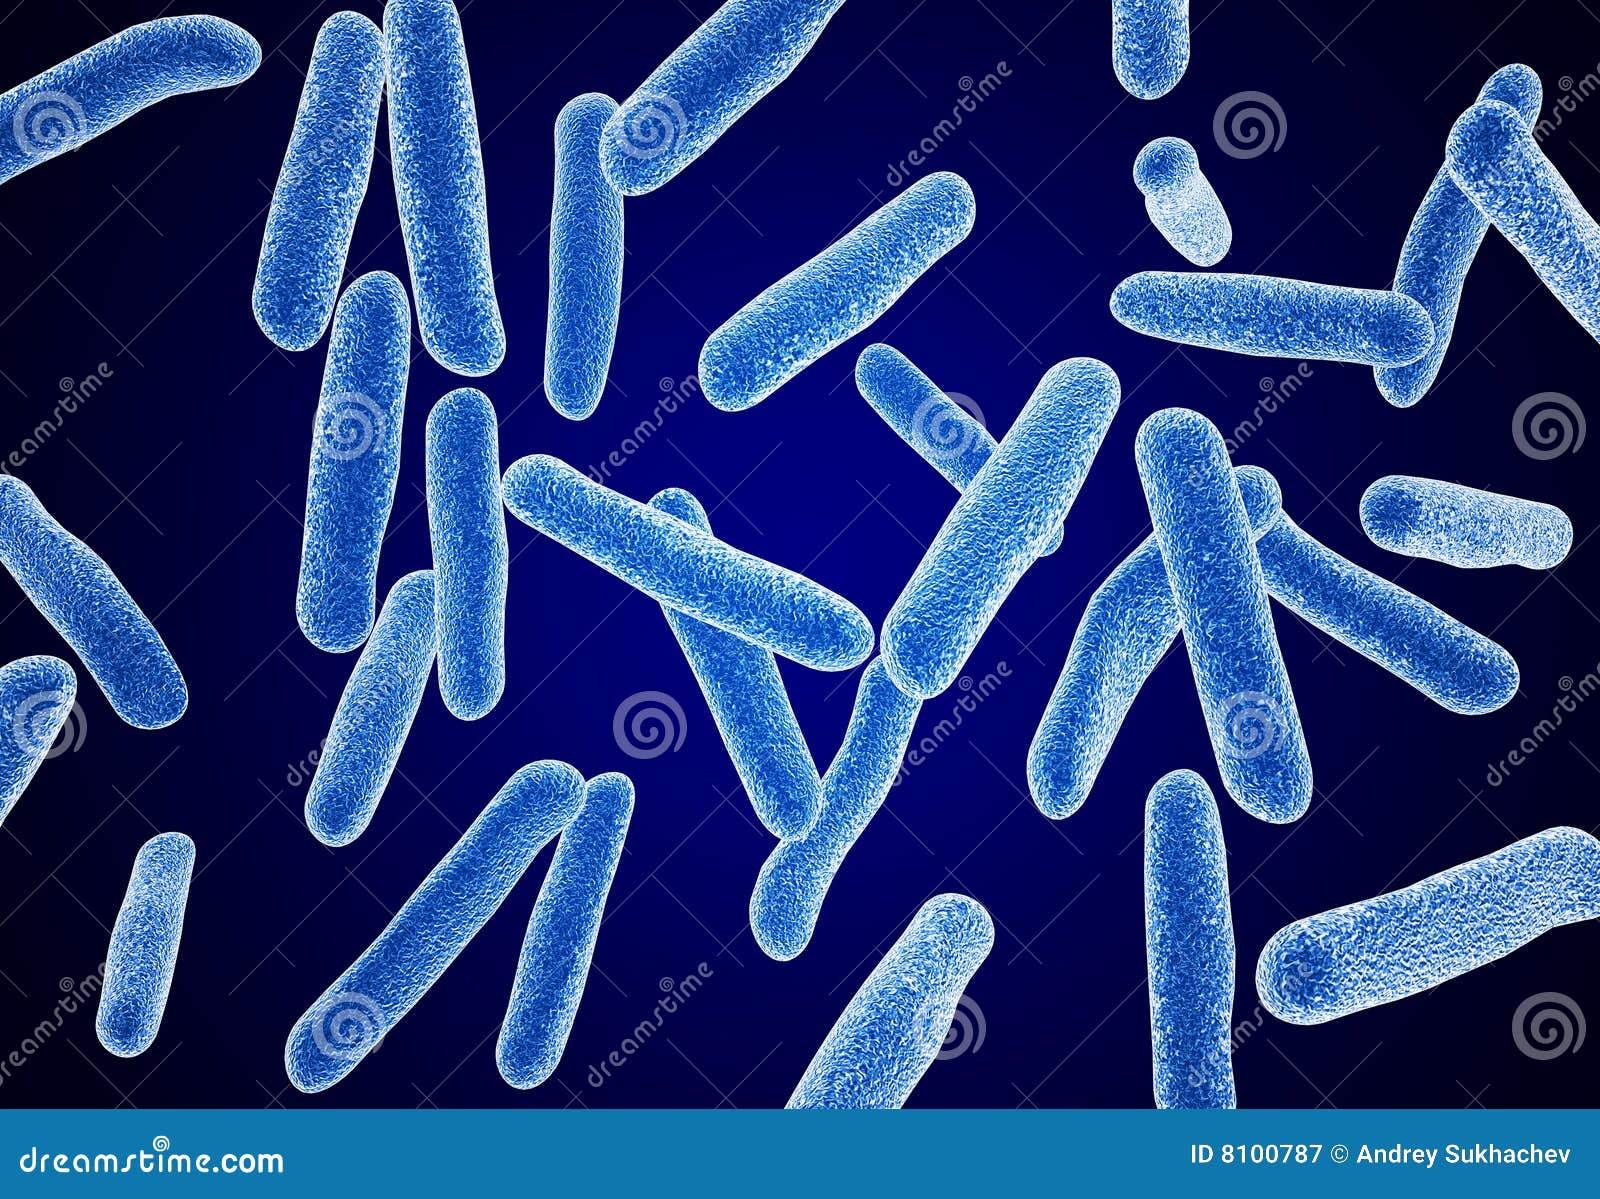 Bactérias macro